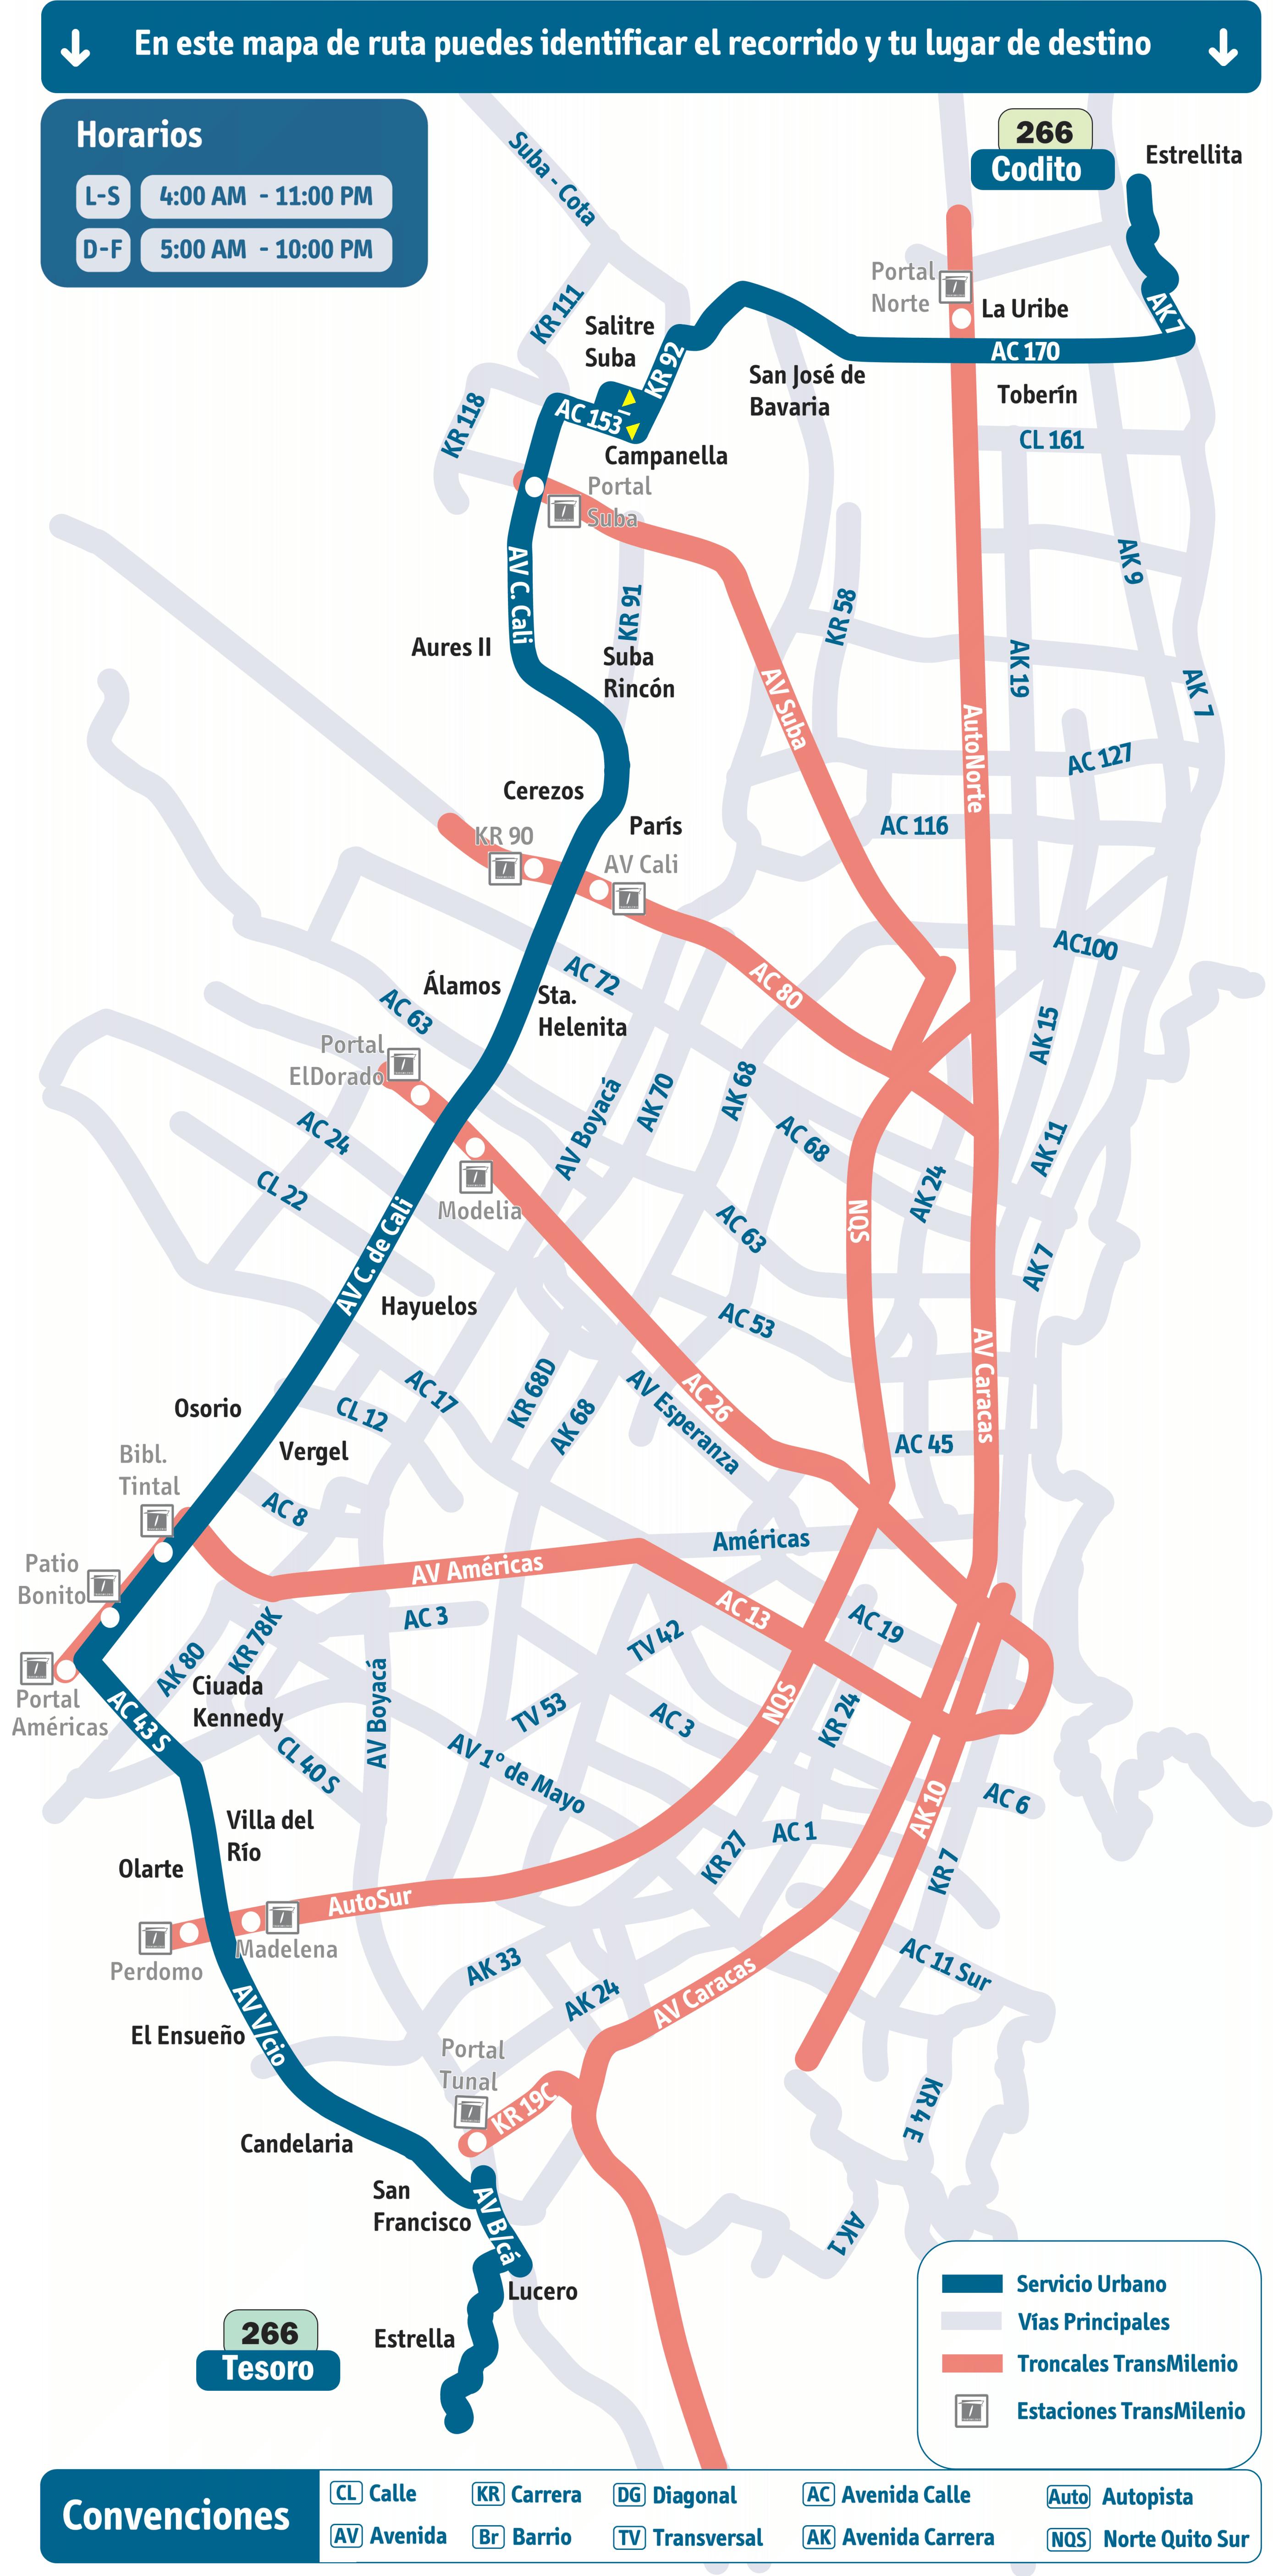 Mapa urbana SITP: 266 Codito - Tesoro